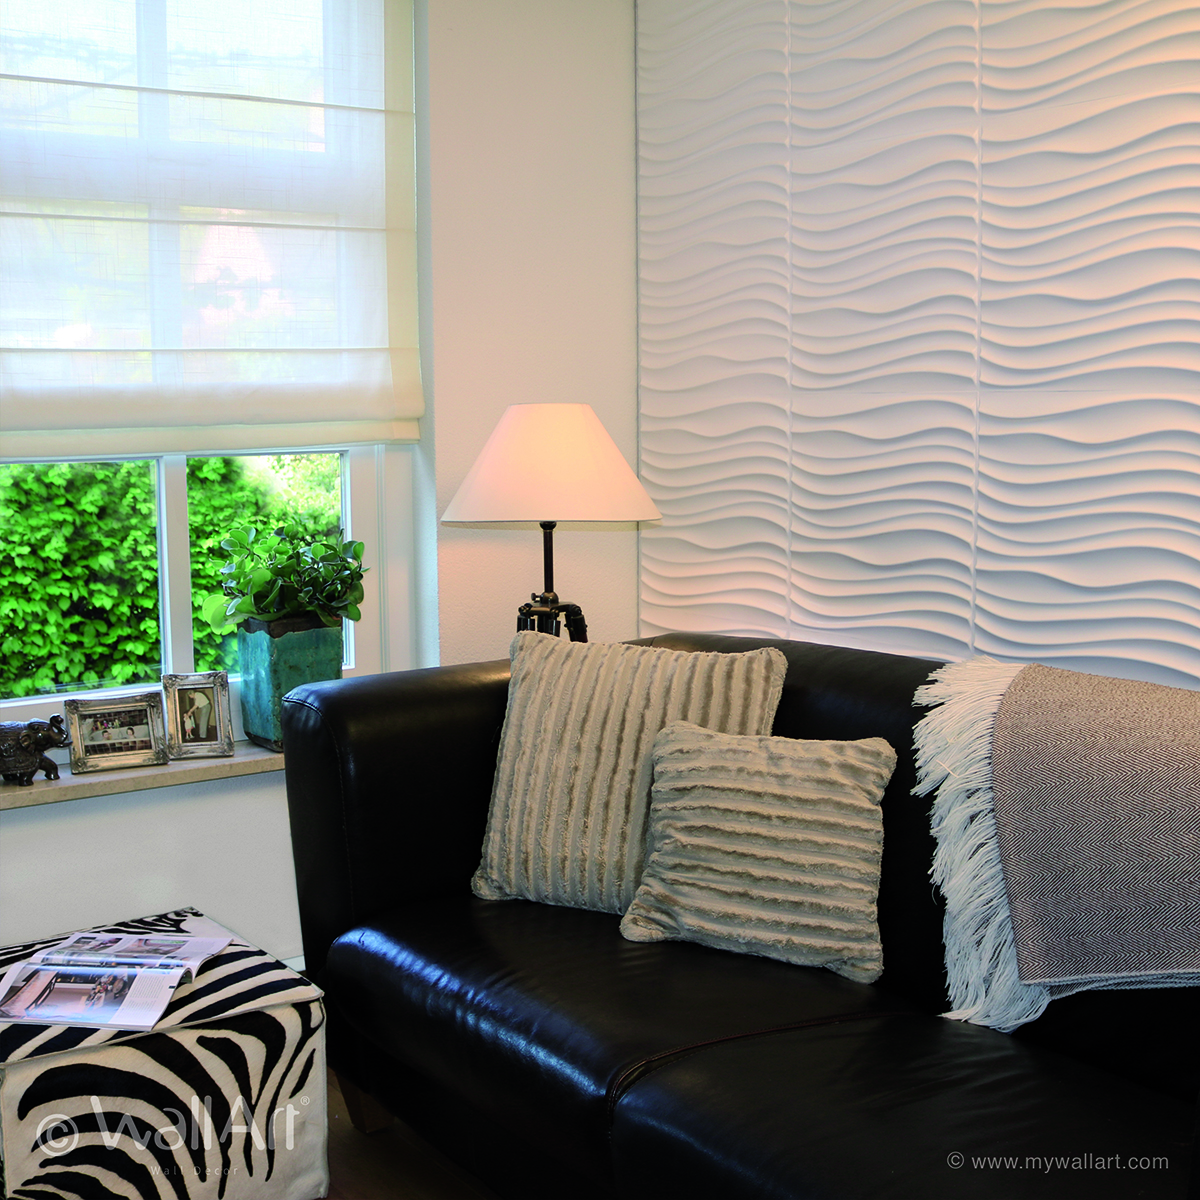 Panouri Decorative 3d Maxwell Wallart 12 Placi 50x